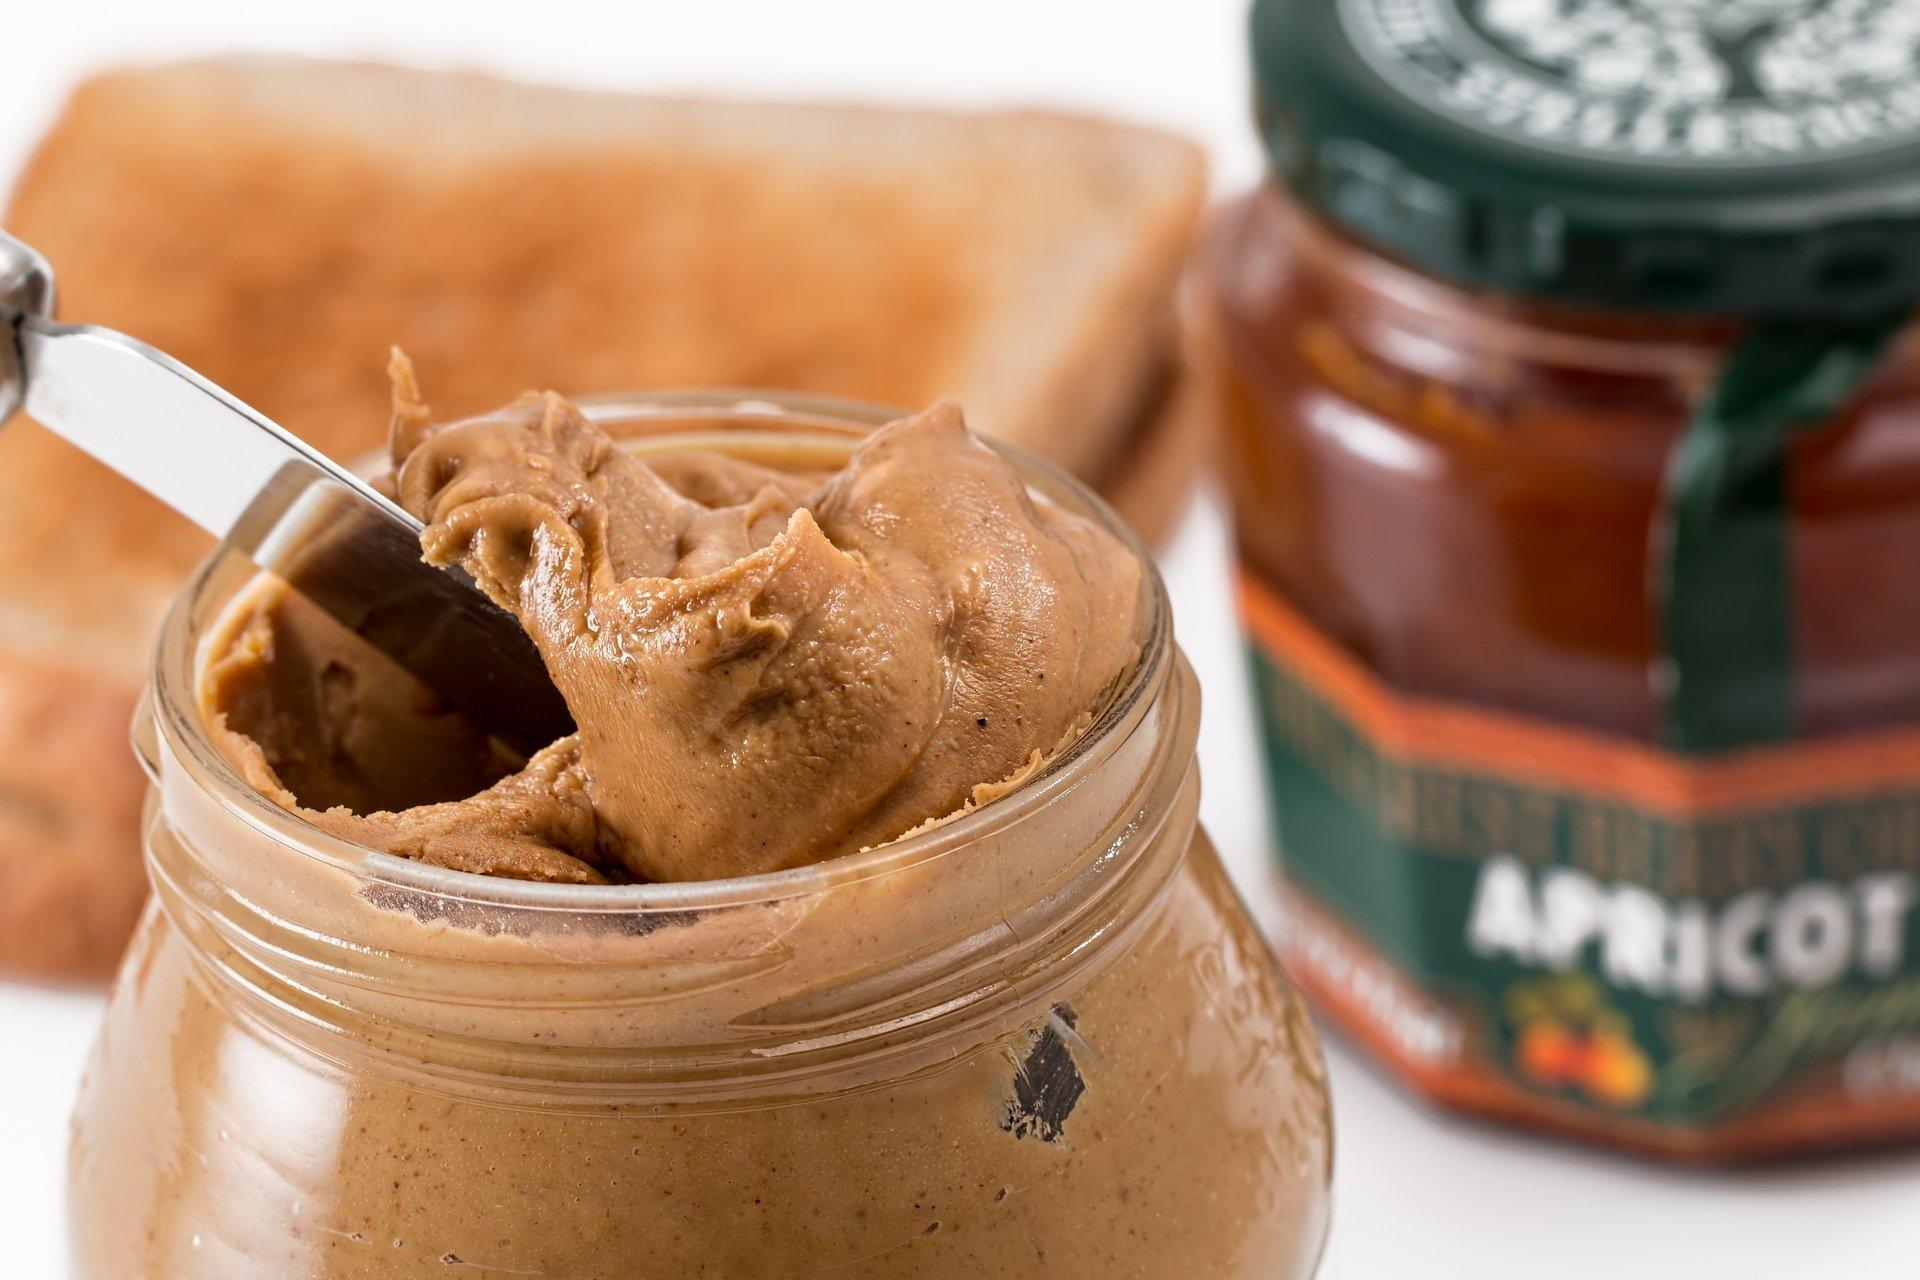 מתכונים טבעוניים: איך להכין ממרחים טבעוניים לשמירה על תזונה בריאה יותר?